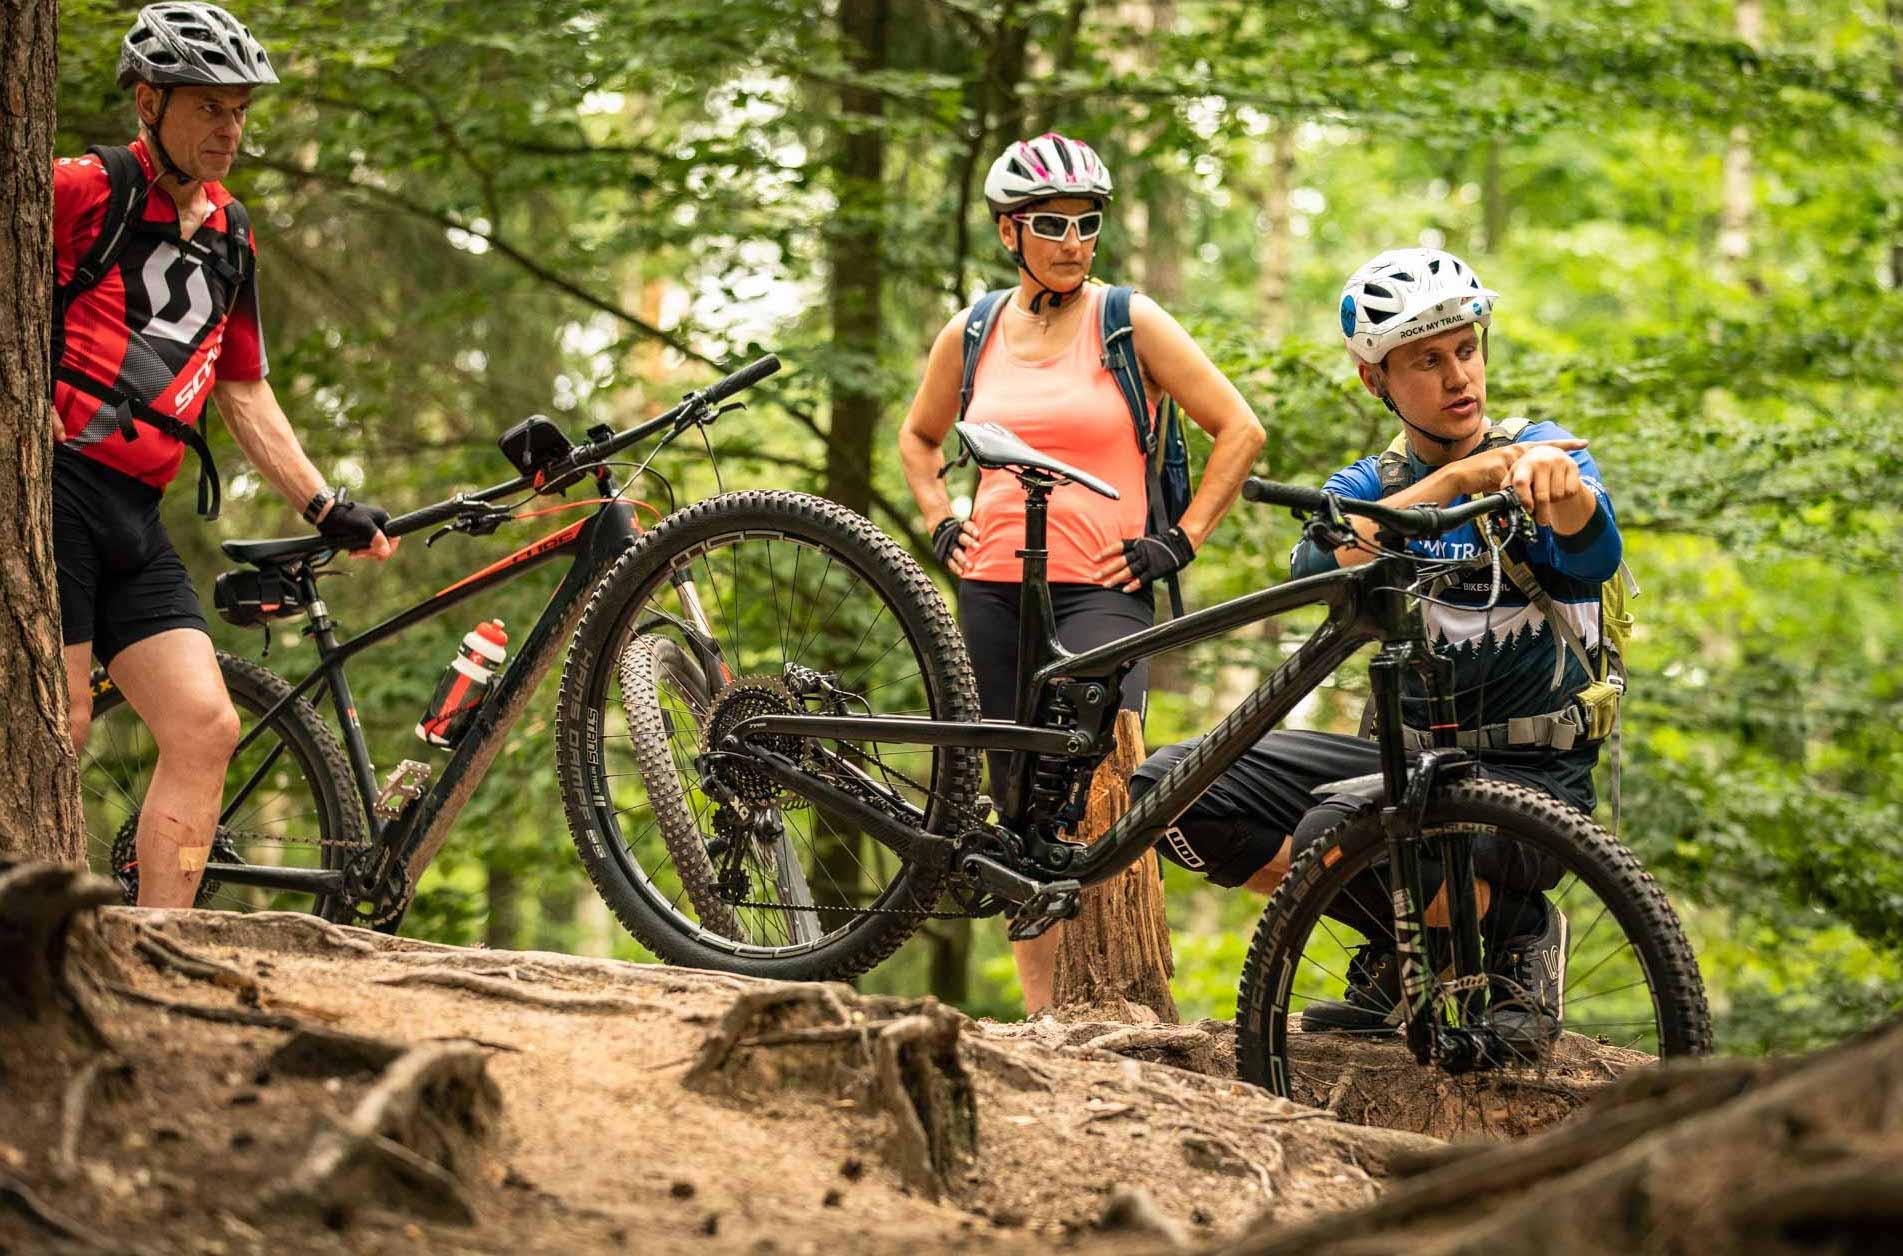 MTB Fahrtechnik Kurs für Einsteiger in Witten - Ruhrgebiet - Mountainbike Basic Ruhrgebit Trail Anfänger - Rock my Trail Bikeschule GmbH - 25